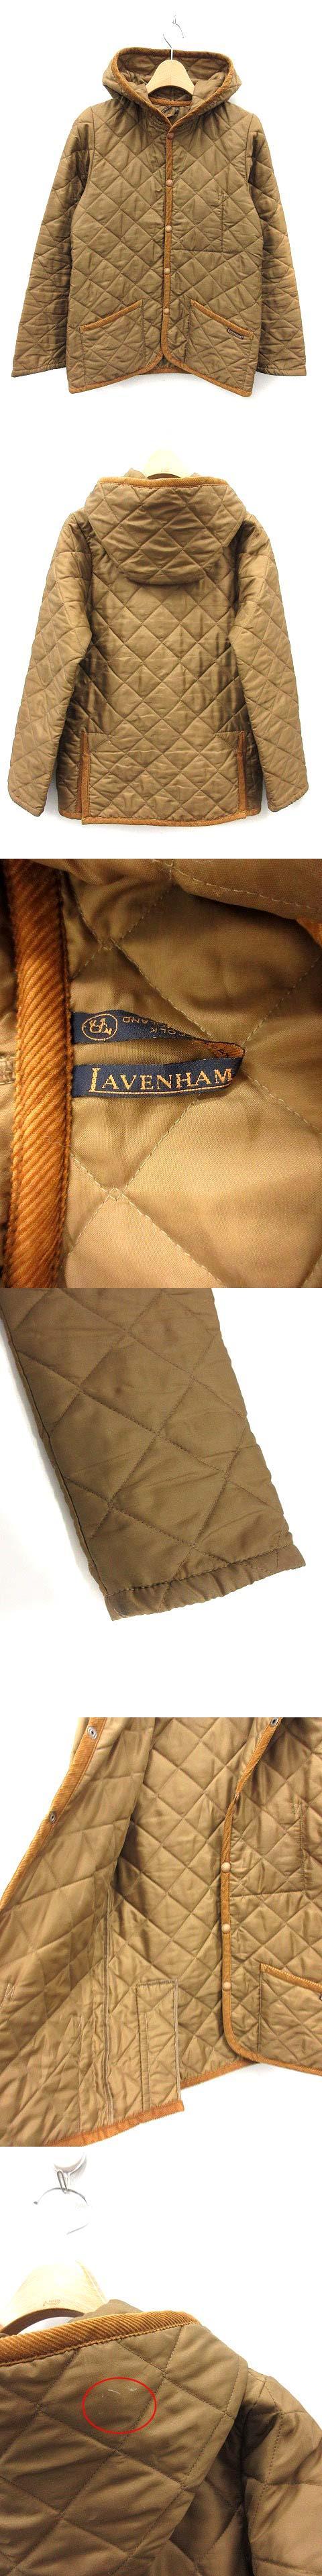 ジャケット キルティング 中綿 フード 36 茶 ブラウン /KH ■CA17